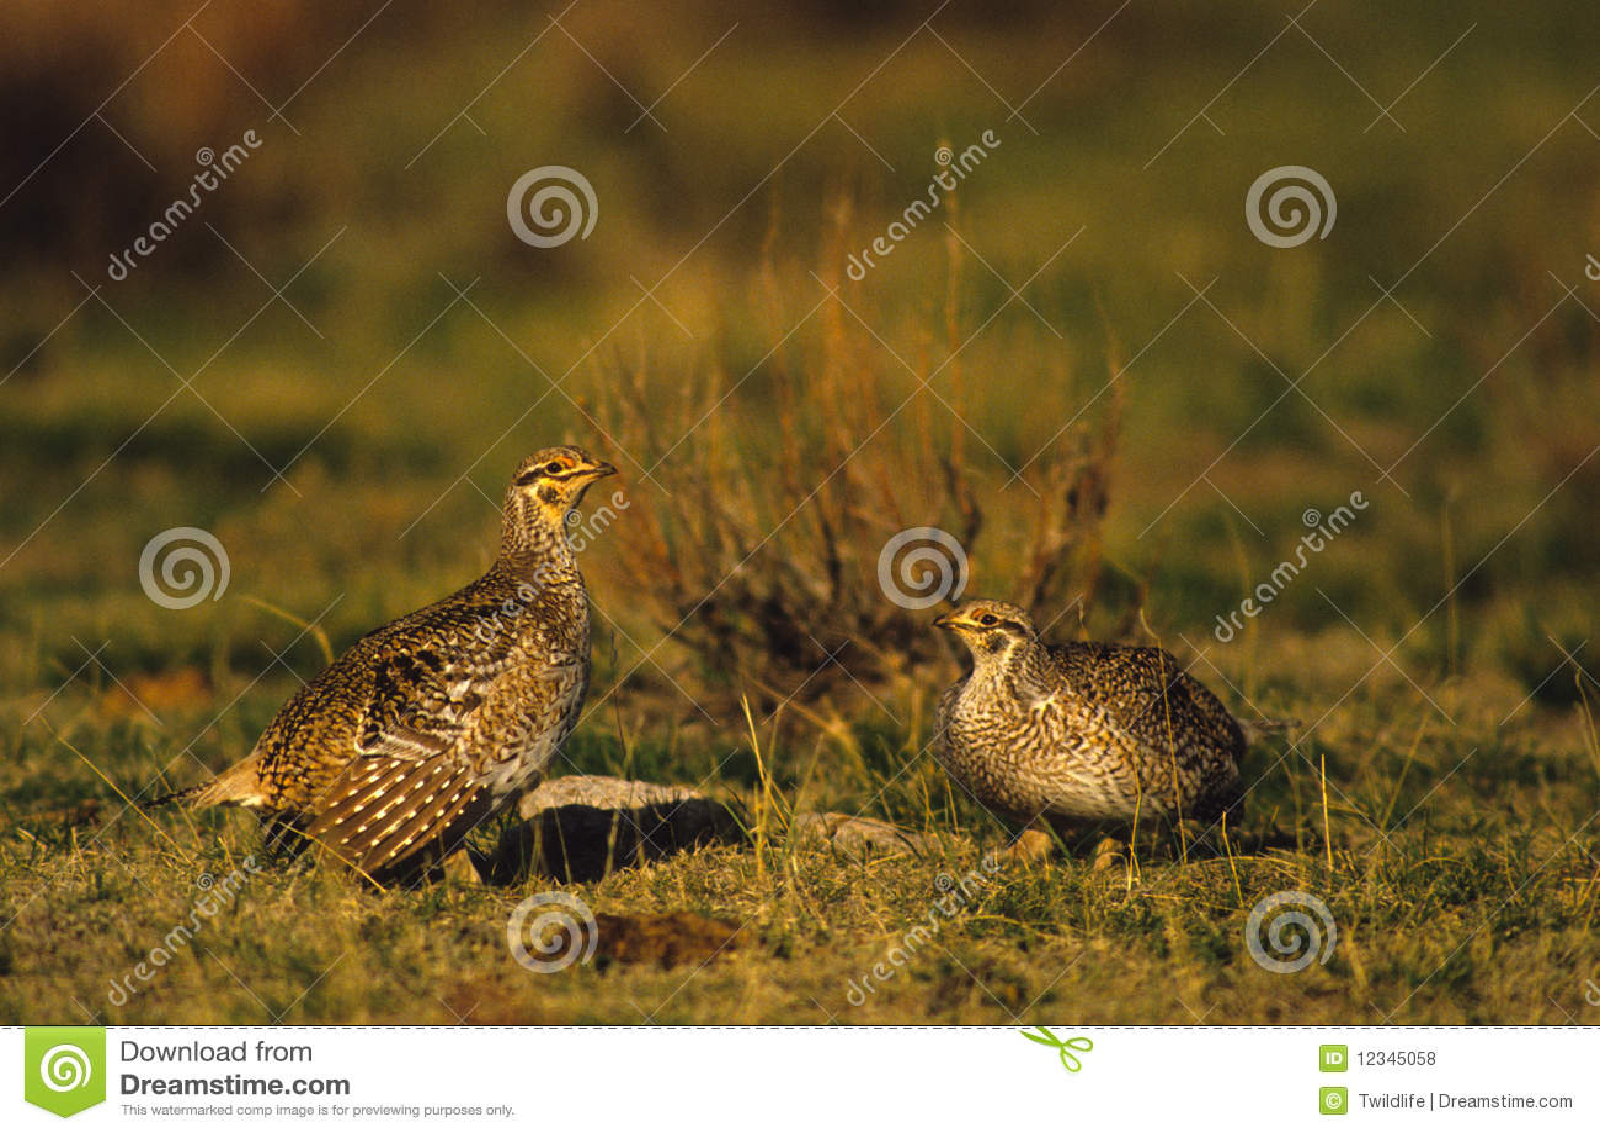 Sharptail Grouse on Lek